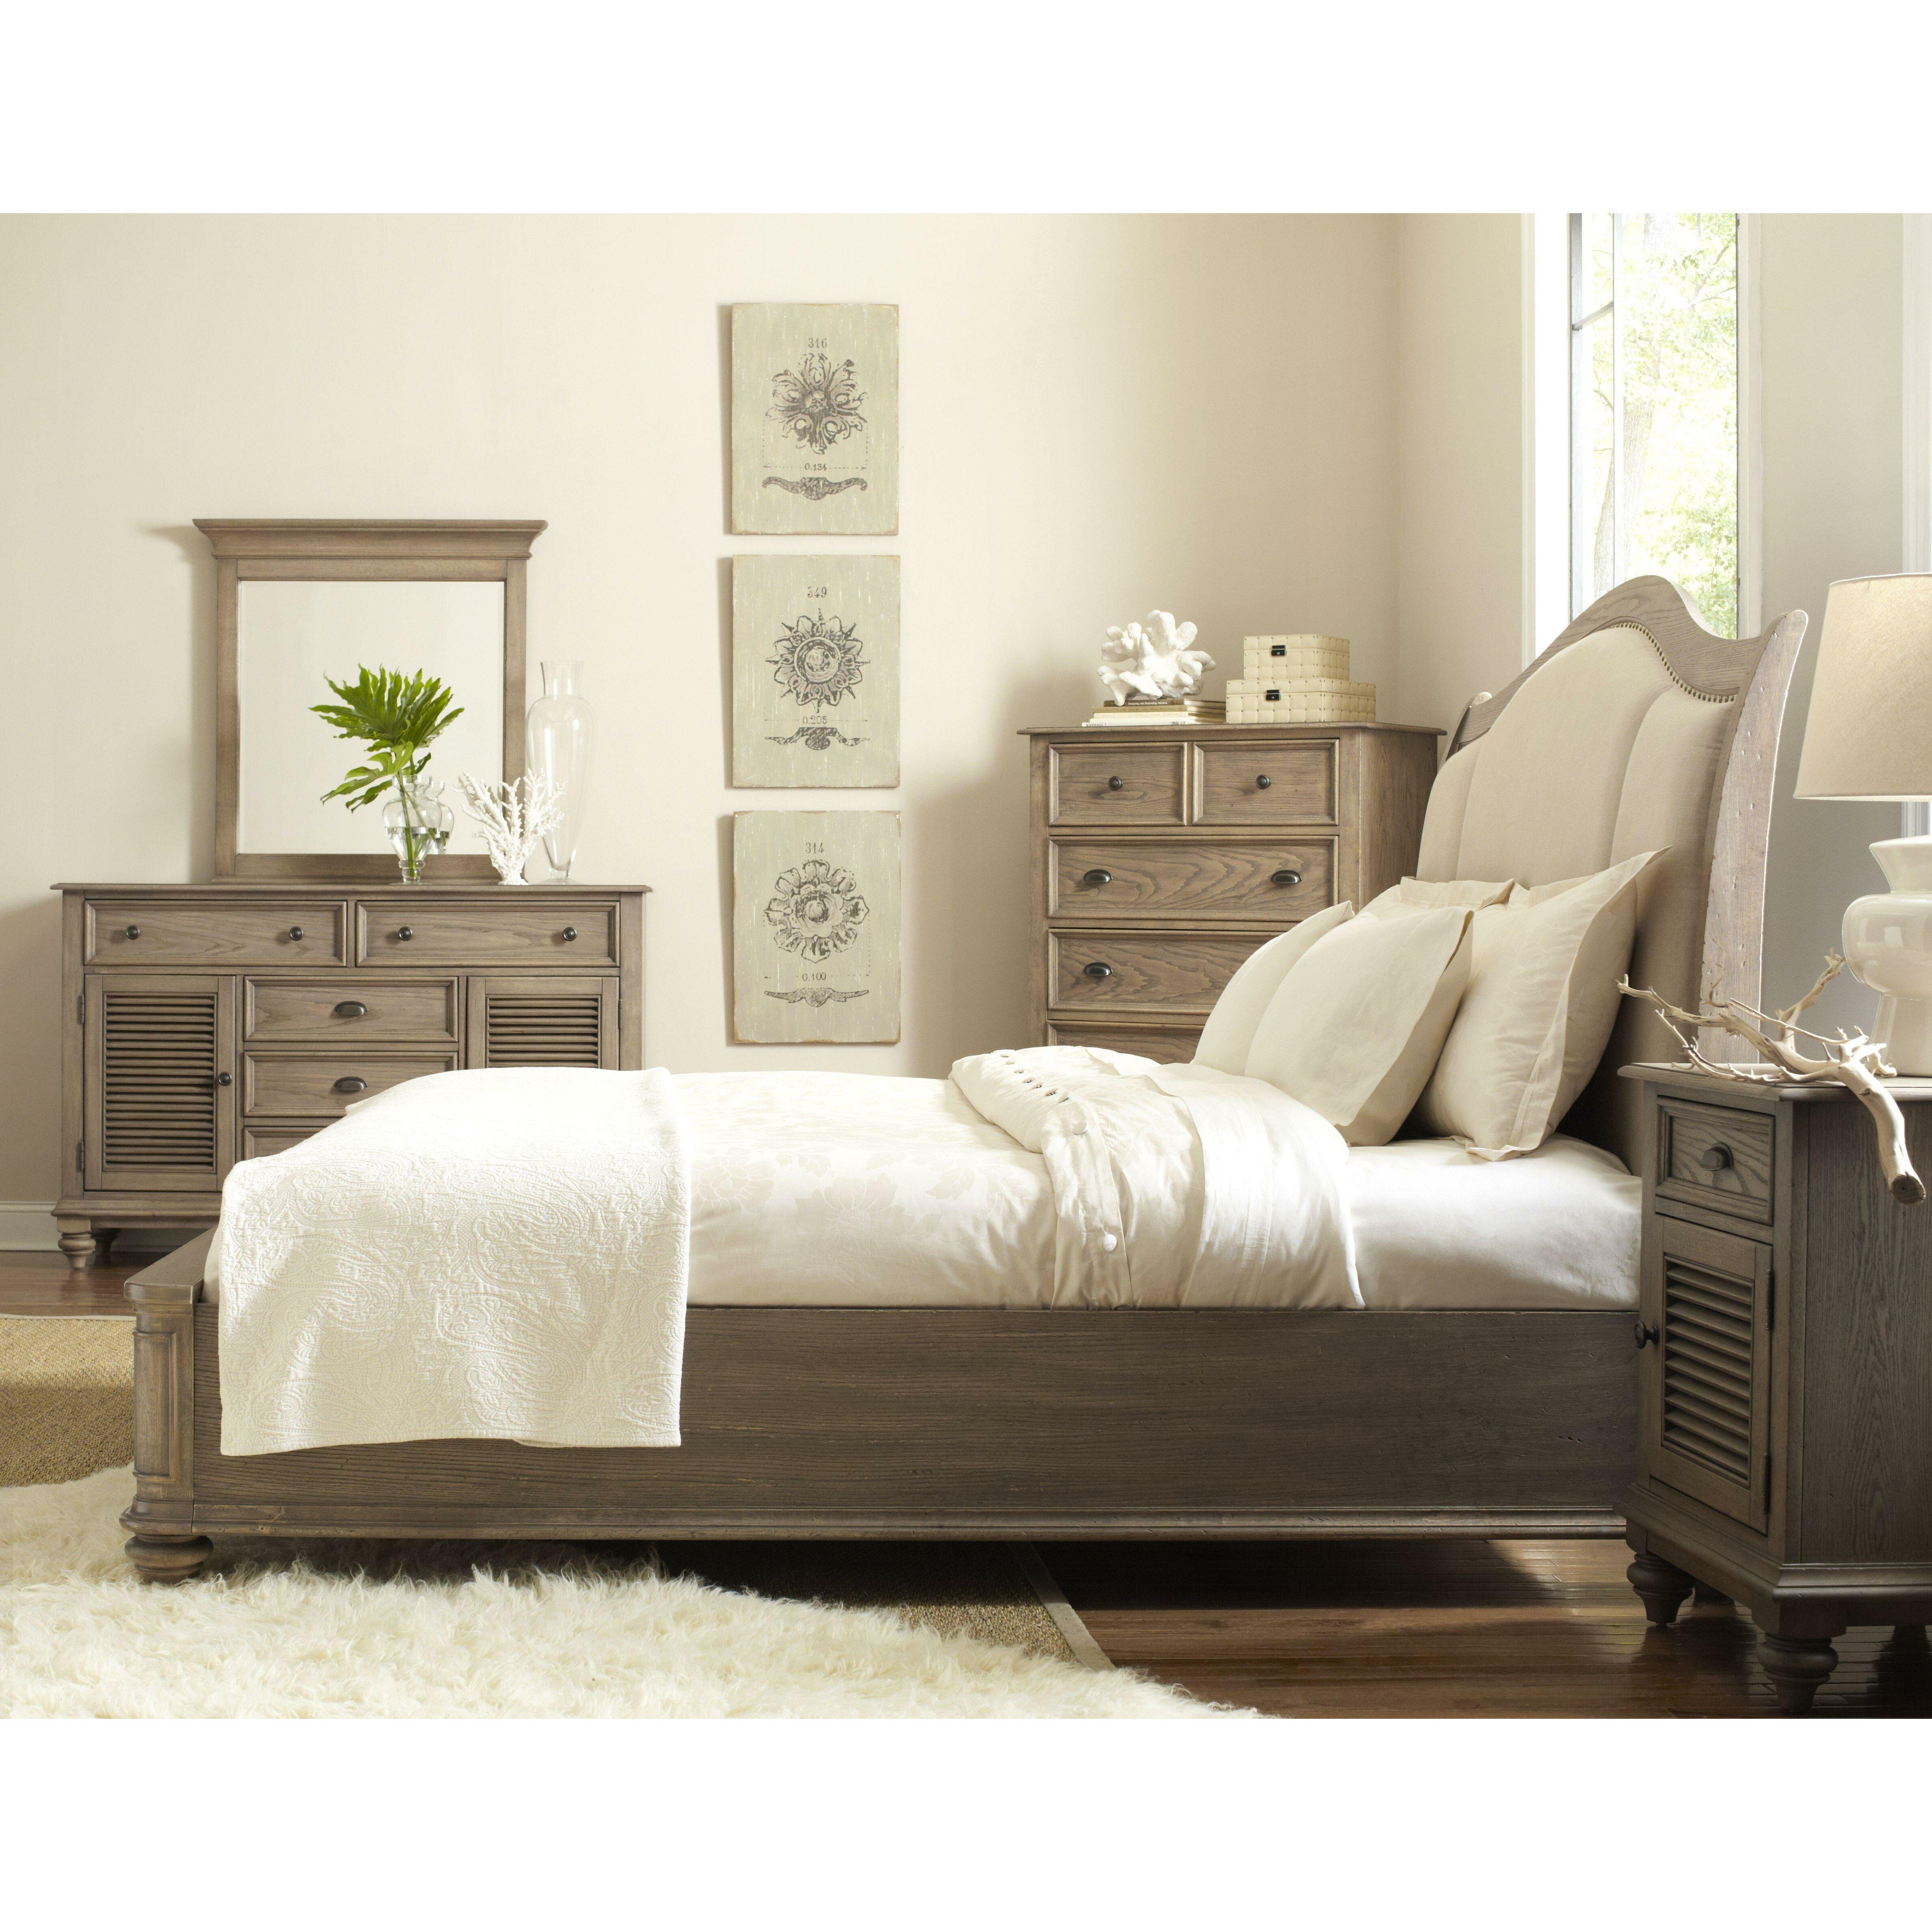 Wayfair Bedroom Furniture: One Allium Way Coolidge Panel Customizable Bedroom Set